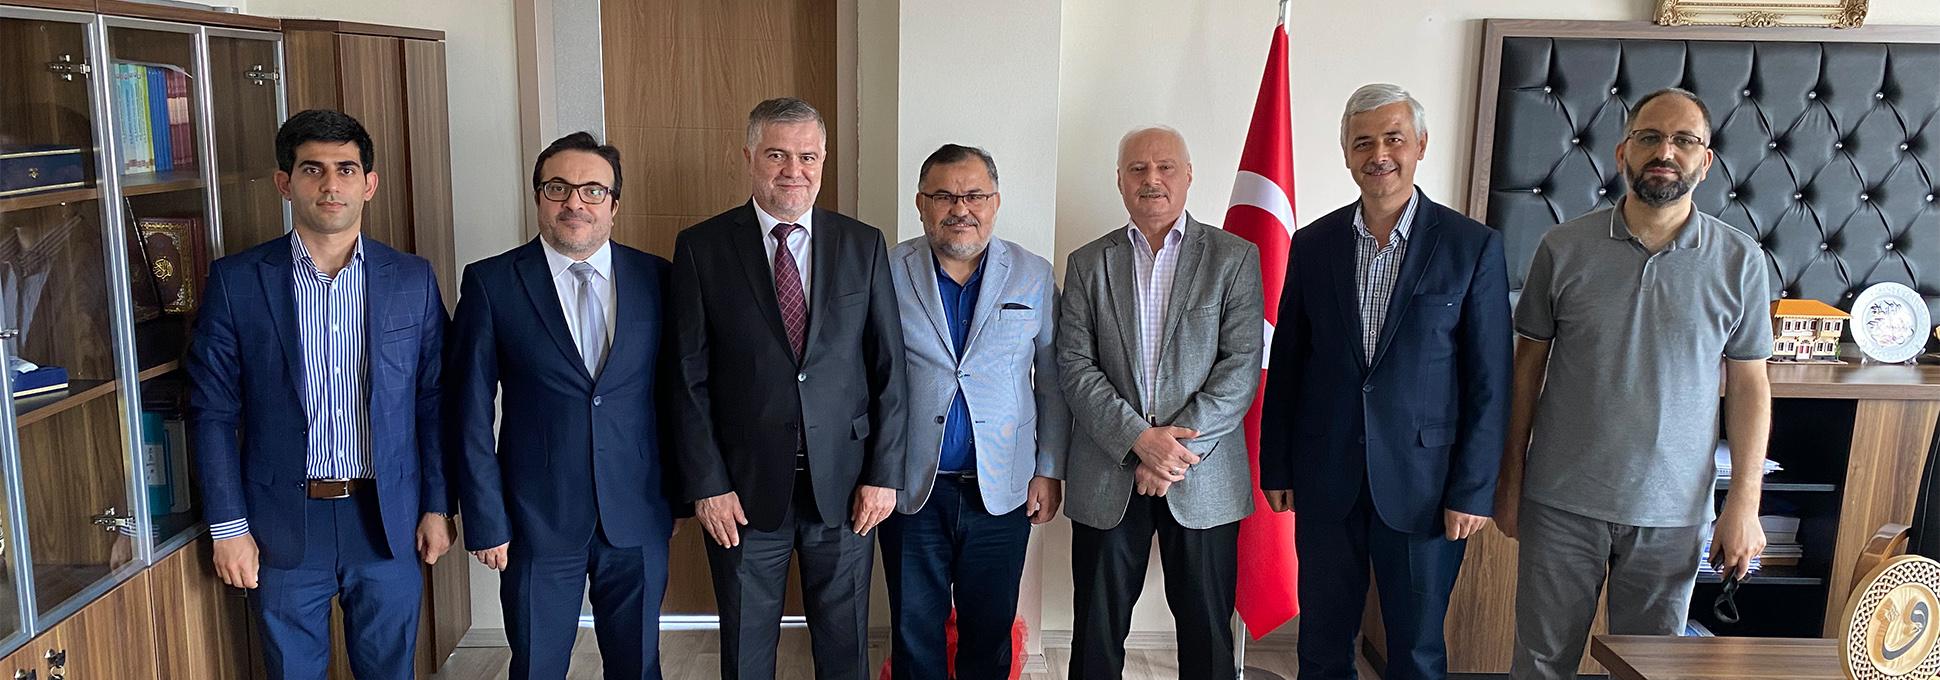 Bursa Uludağ Üniversitesi'ne Akademik Ziyaret Gerçekleştirdik